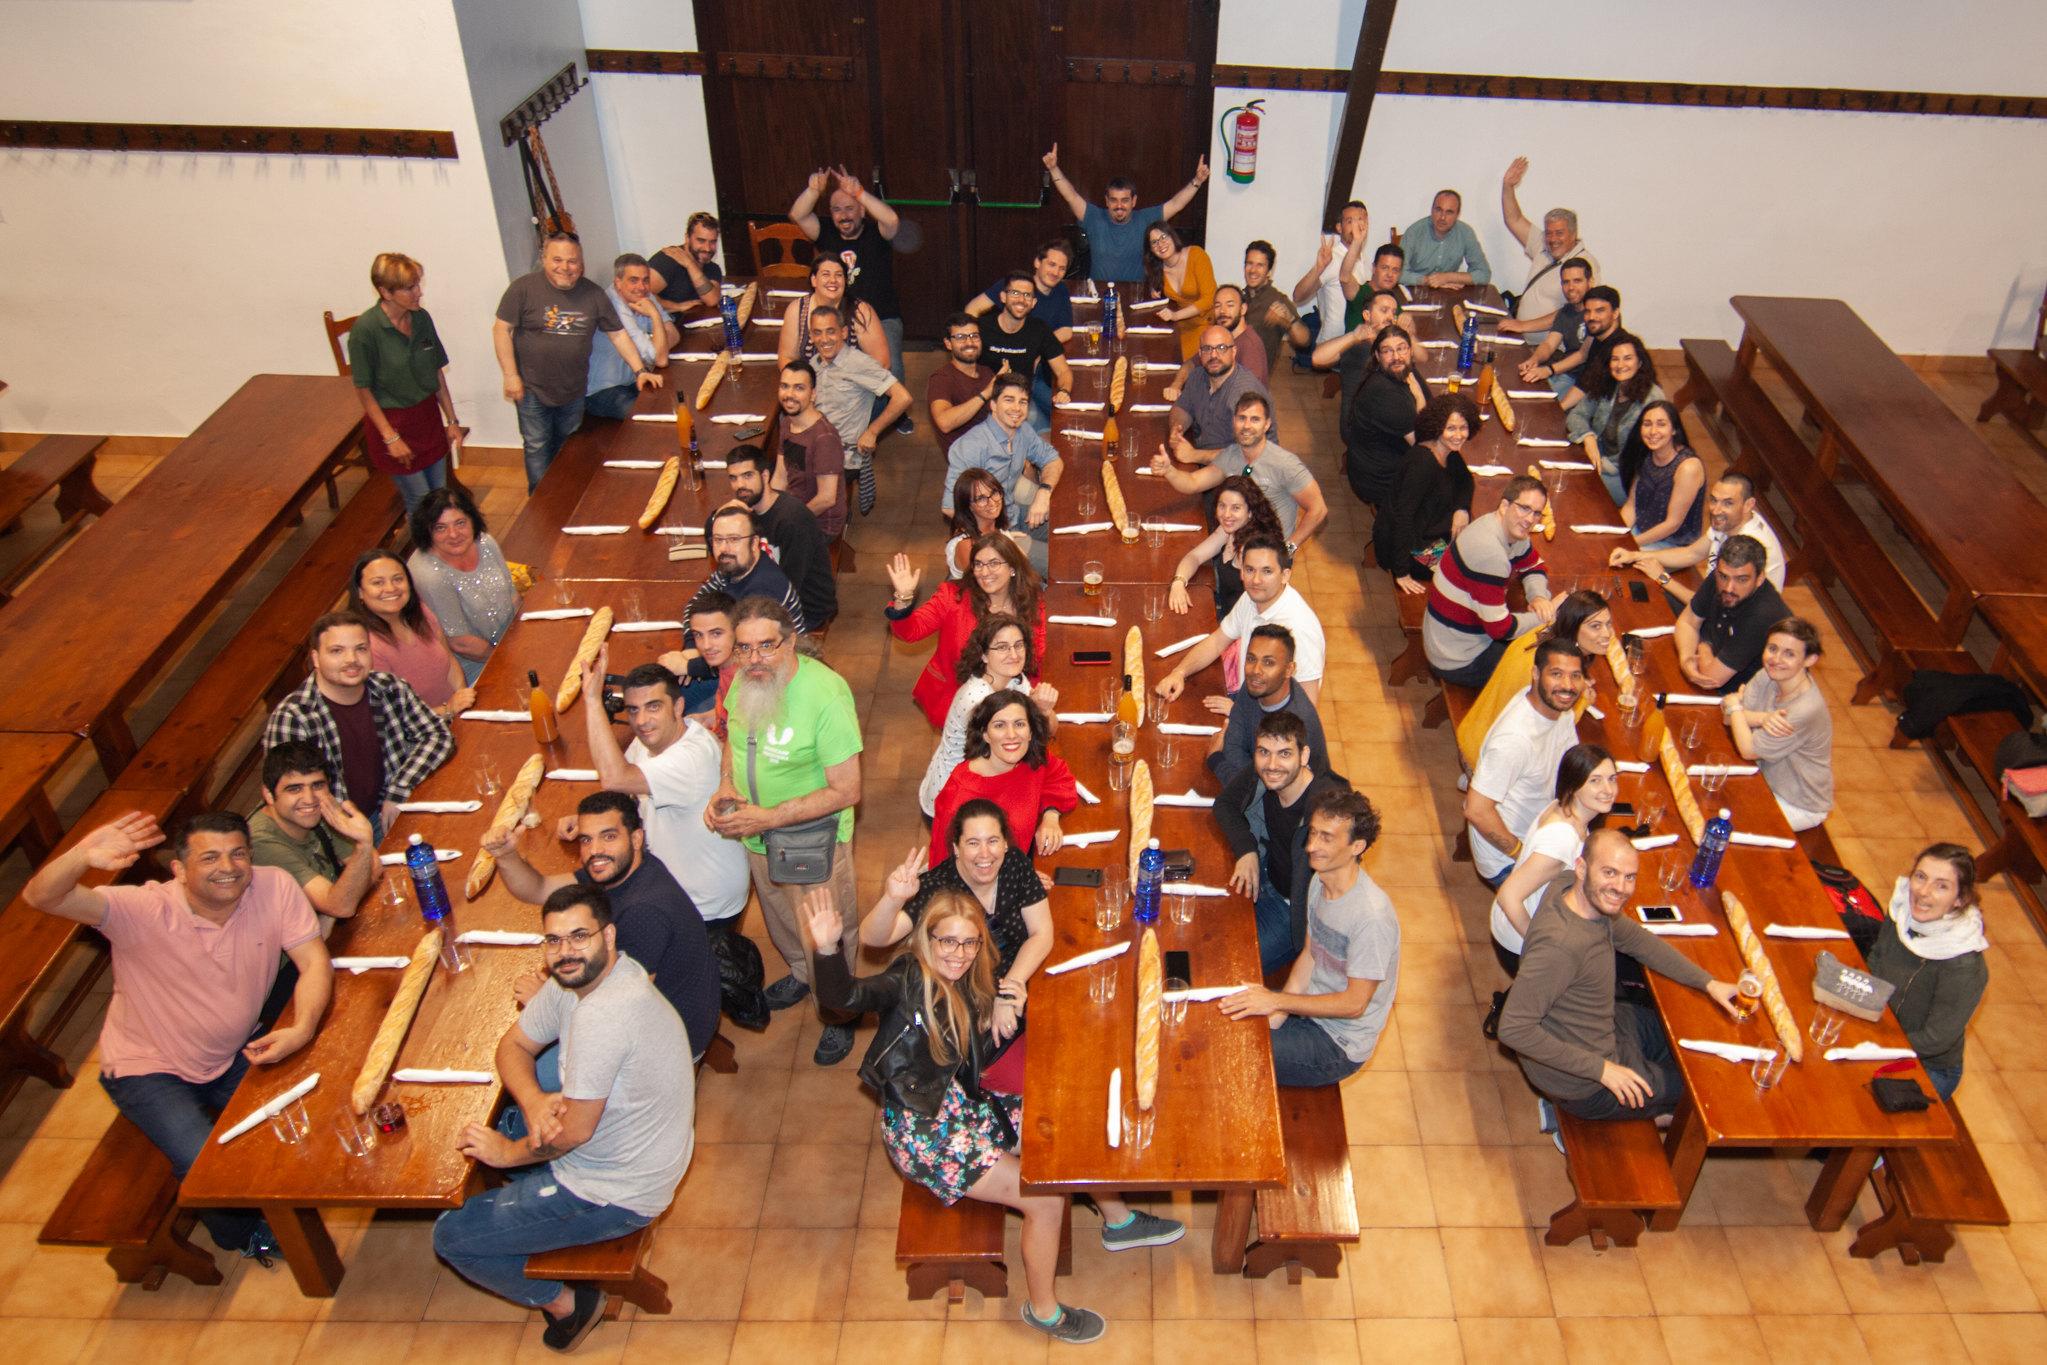 La cena de ponentes de la Wordcamp del pasado día 31 de Mayo